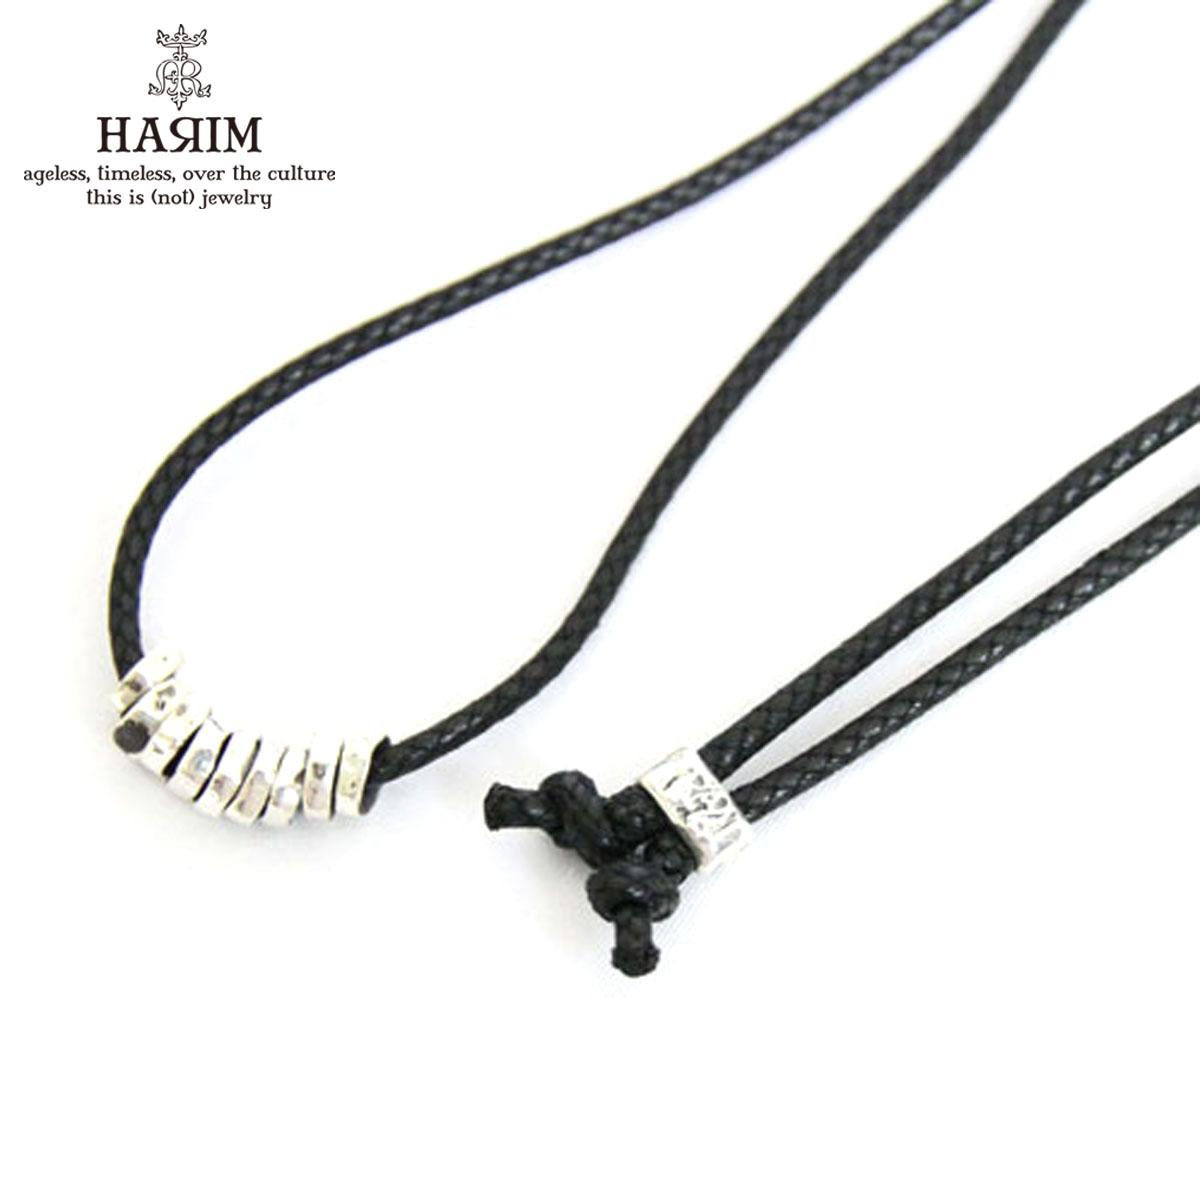 ハリム HARIM 正規販売店 ネックレス HARIM ROCK BEADS NECK SV NECKLACE HRP103SV